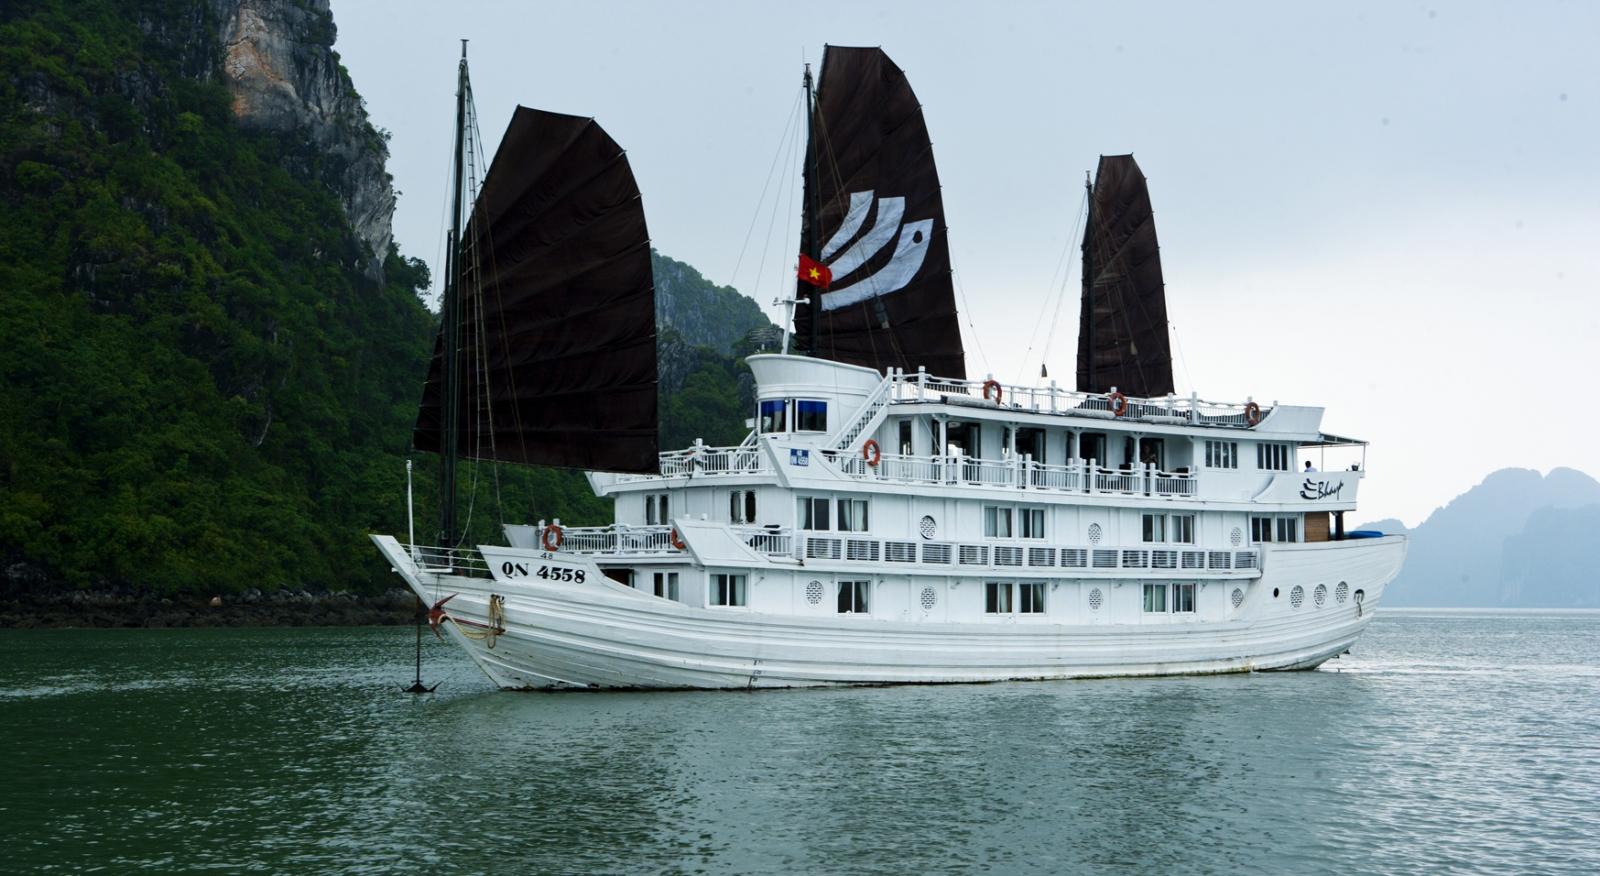 Tour Hạ Long - Khám phá vẻ đẹp kỳ vĩ của Hạ Long bằng du thuyền